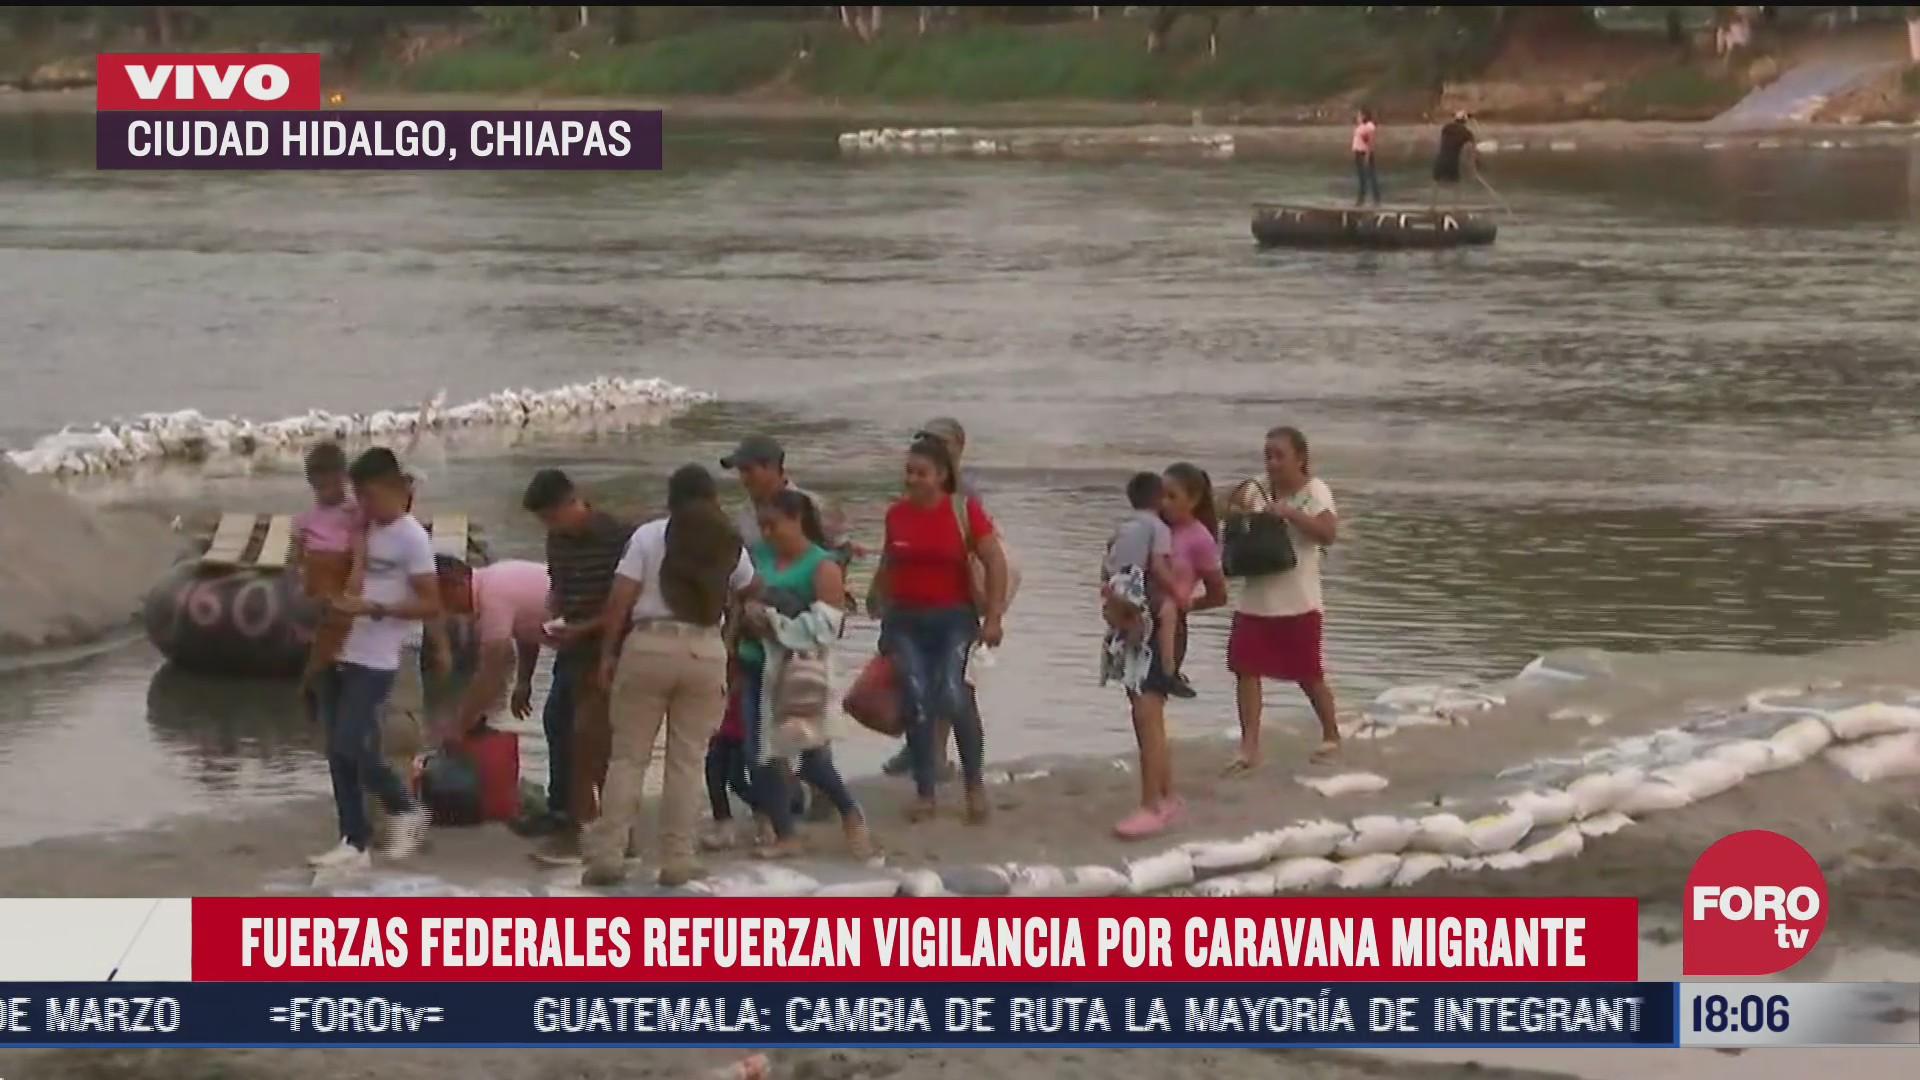 autoridades mexicanas mantienen vigilancia ante arribo de caravana migrante